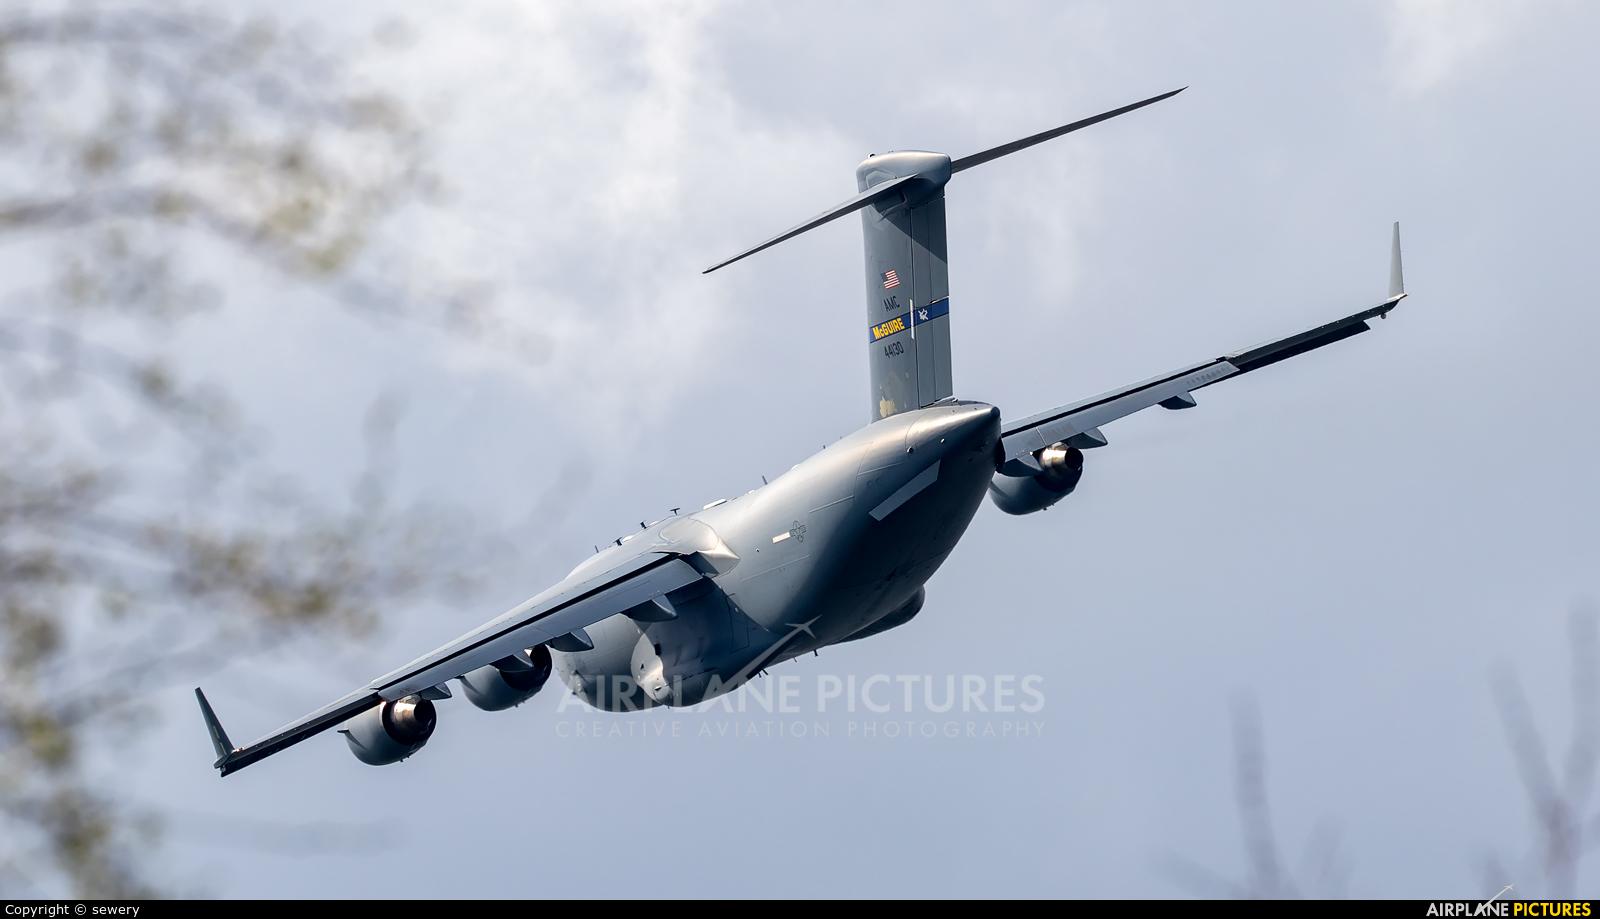 USA - Air Force 04-4130 aircraft at Łask AB